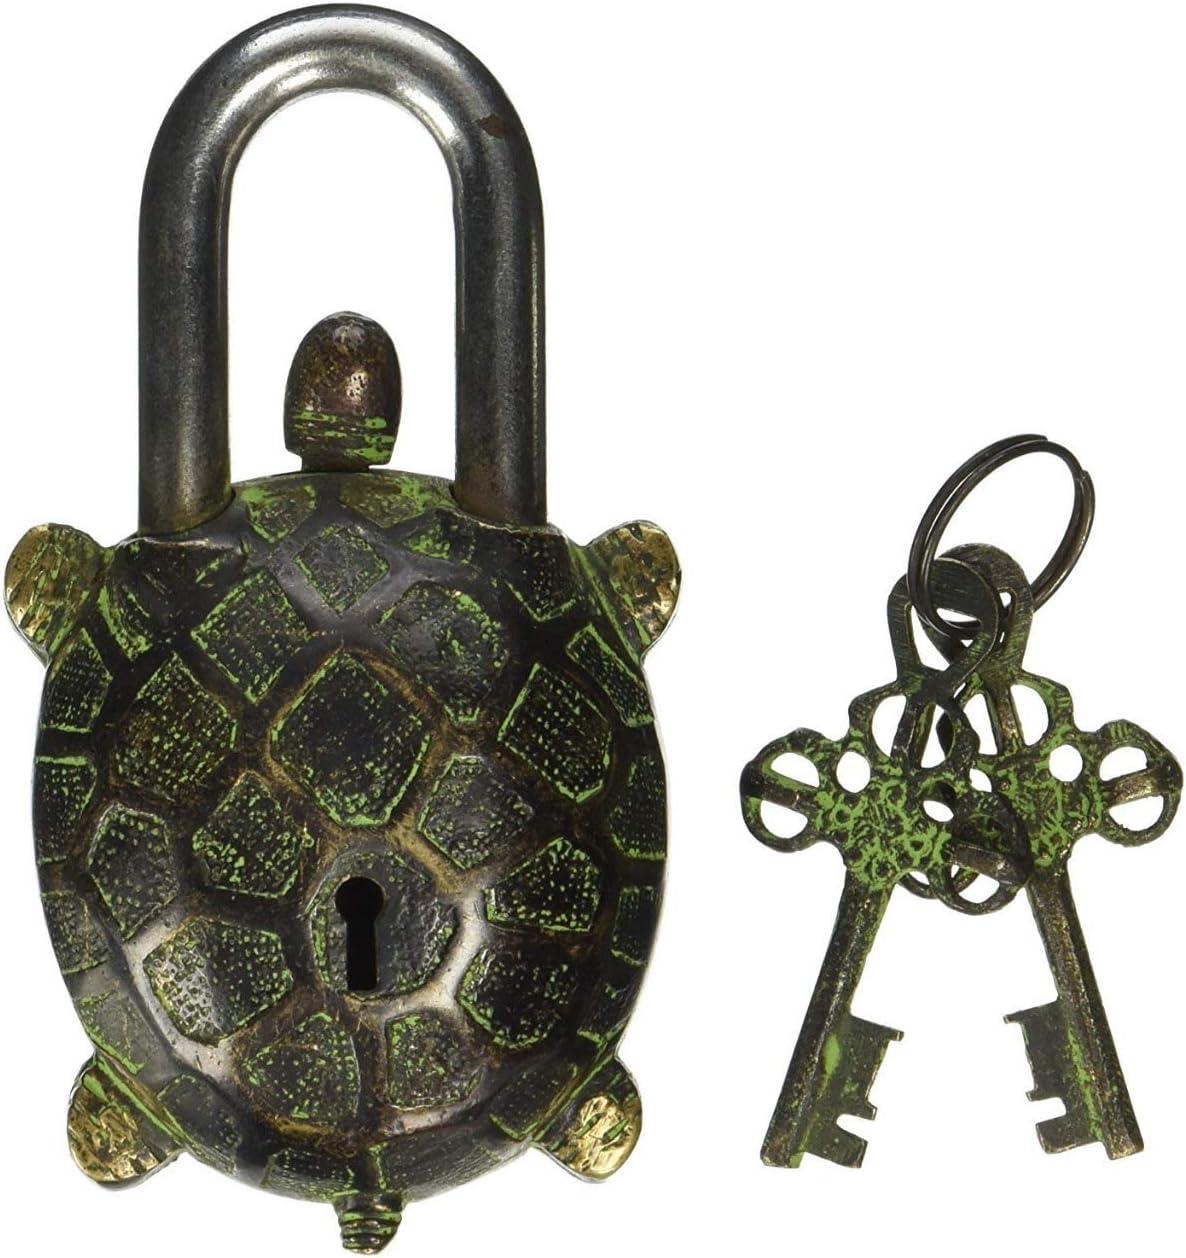 Cadenas en laiton fonctionnel avec deux cl/és Style ancien style Lord Buddha Cadenas Serrure et cl/é fantaisie Fonctionnel Symbole Vastu